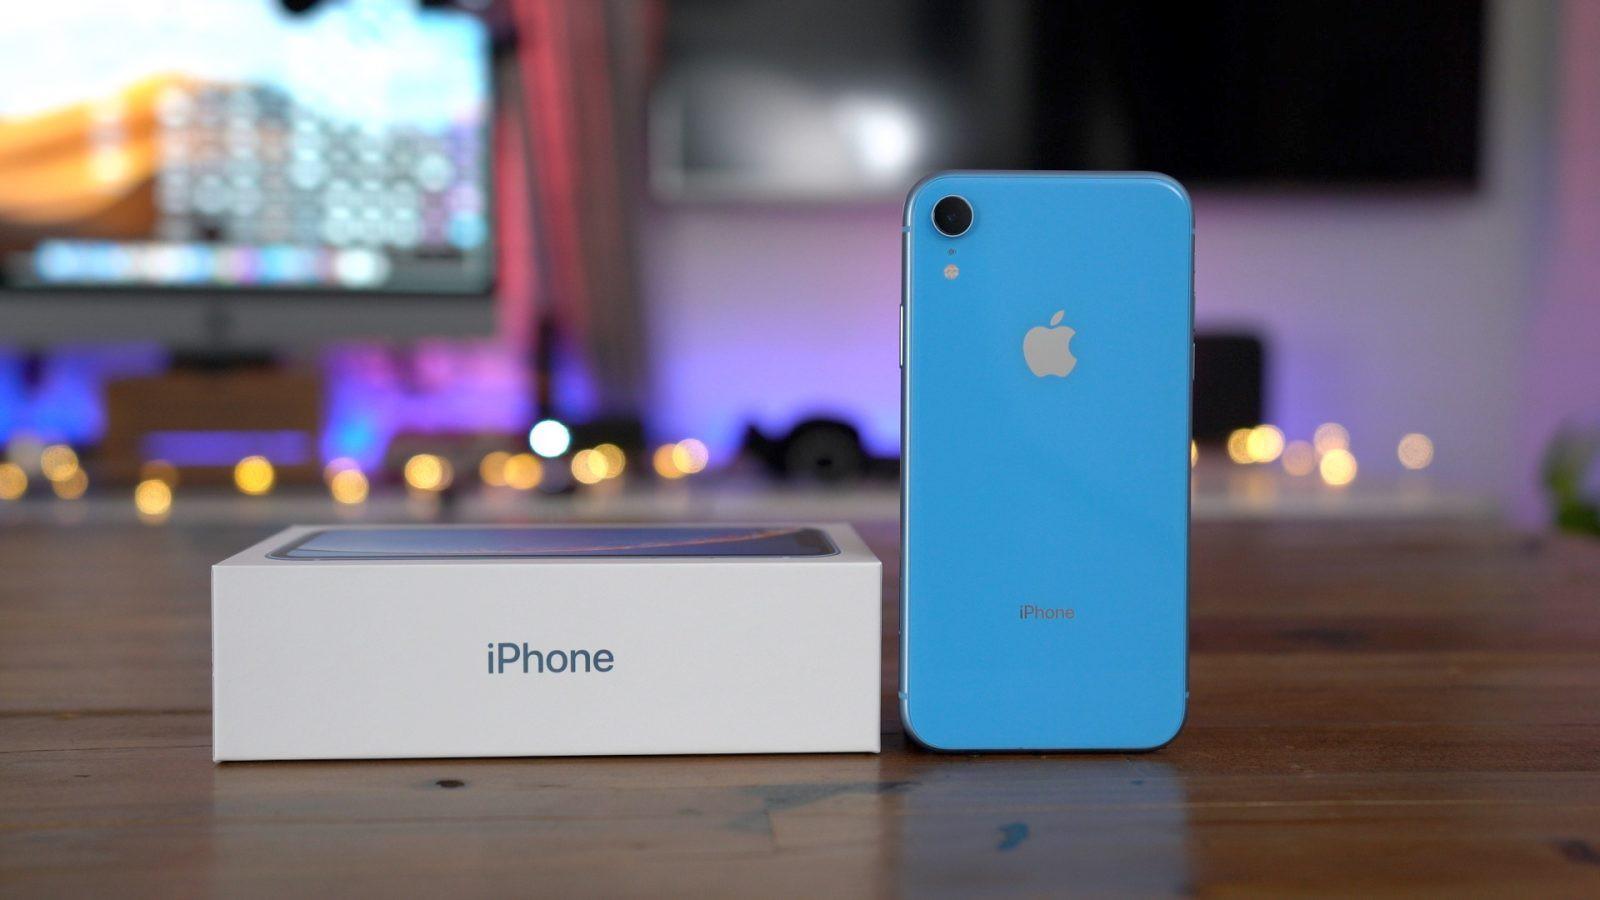 iPhone XR thừa hưởng di sản từ người anh 5C: Ế chổng vó vì dân ta không thích iPhone giá rẻ đâu nhé! - Ảnh 1.